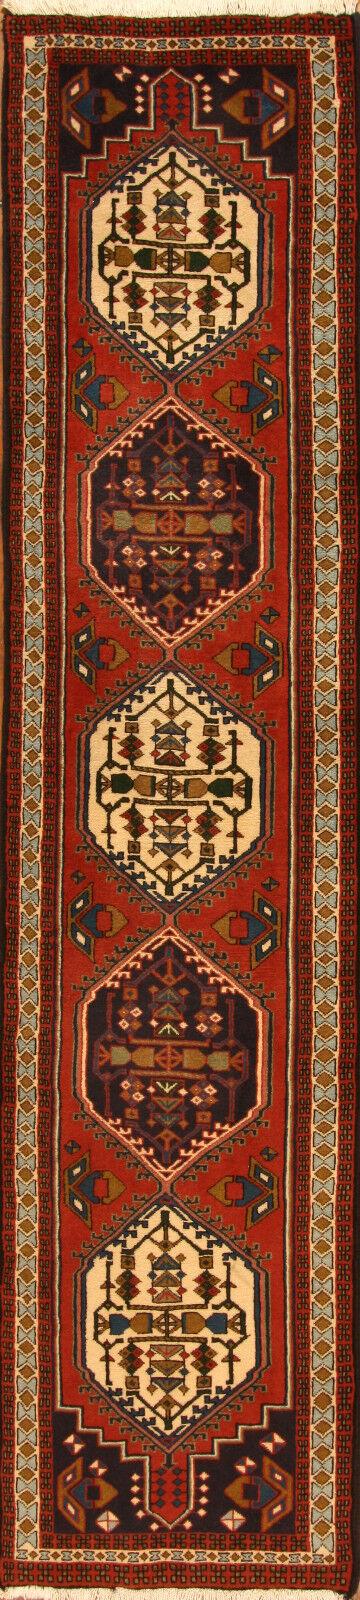 Orientteppich Echter Handgeknüpfter Läufer  (292 x 65)cm NEU  Perserteppich 3639